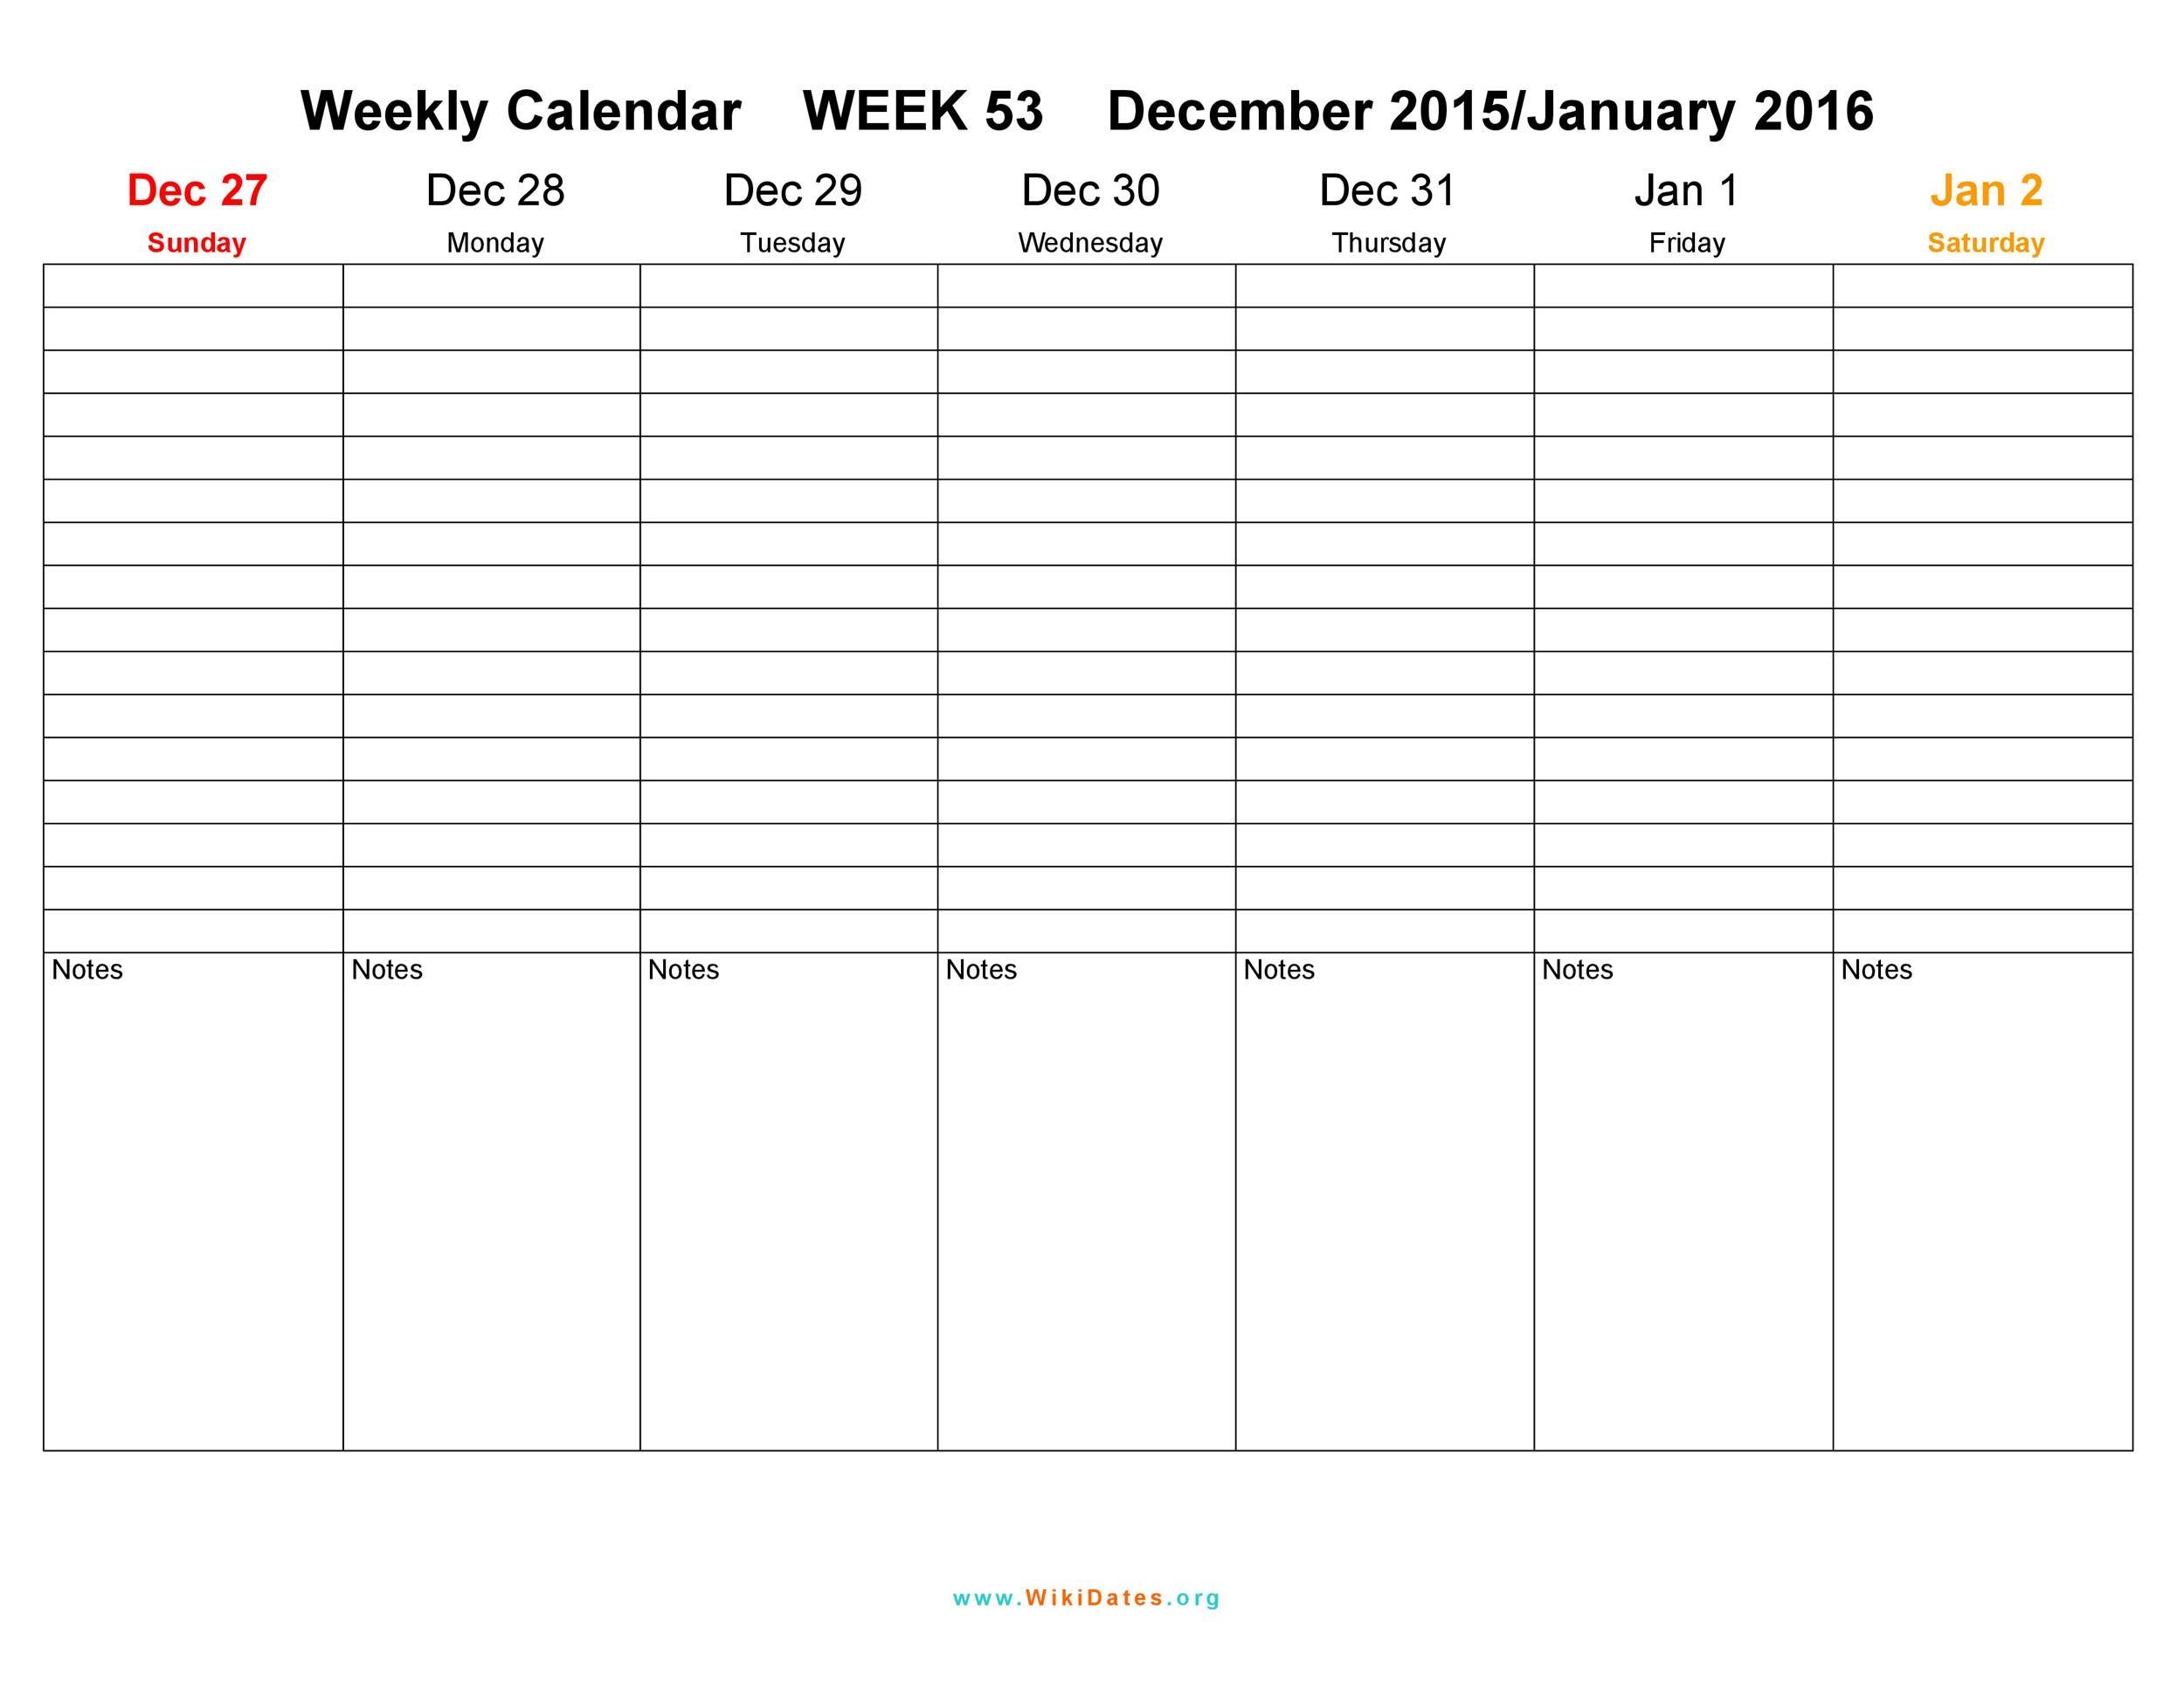 Free weekly calendar template 07